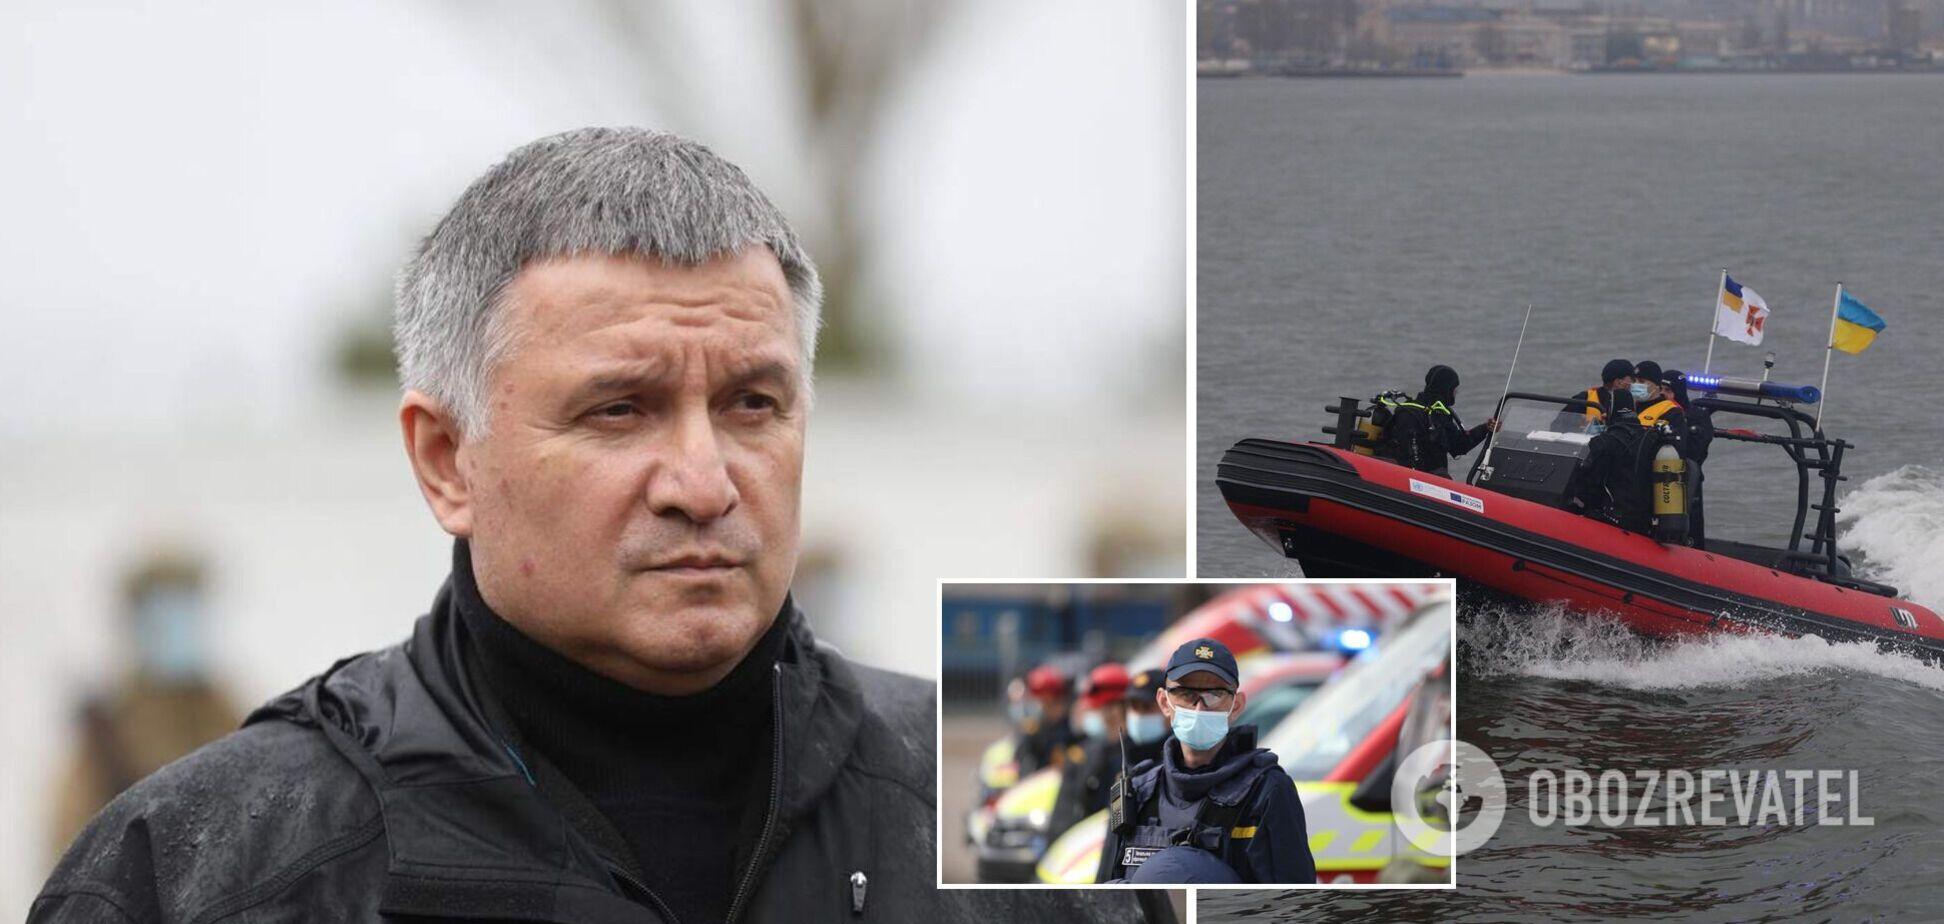 Аваков пообещал украинцам безопасность во всей акватории Азовского моря